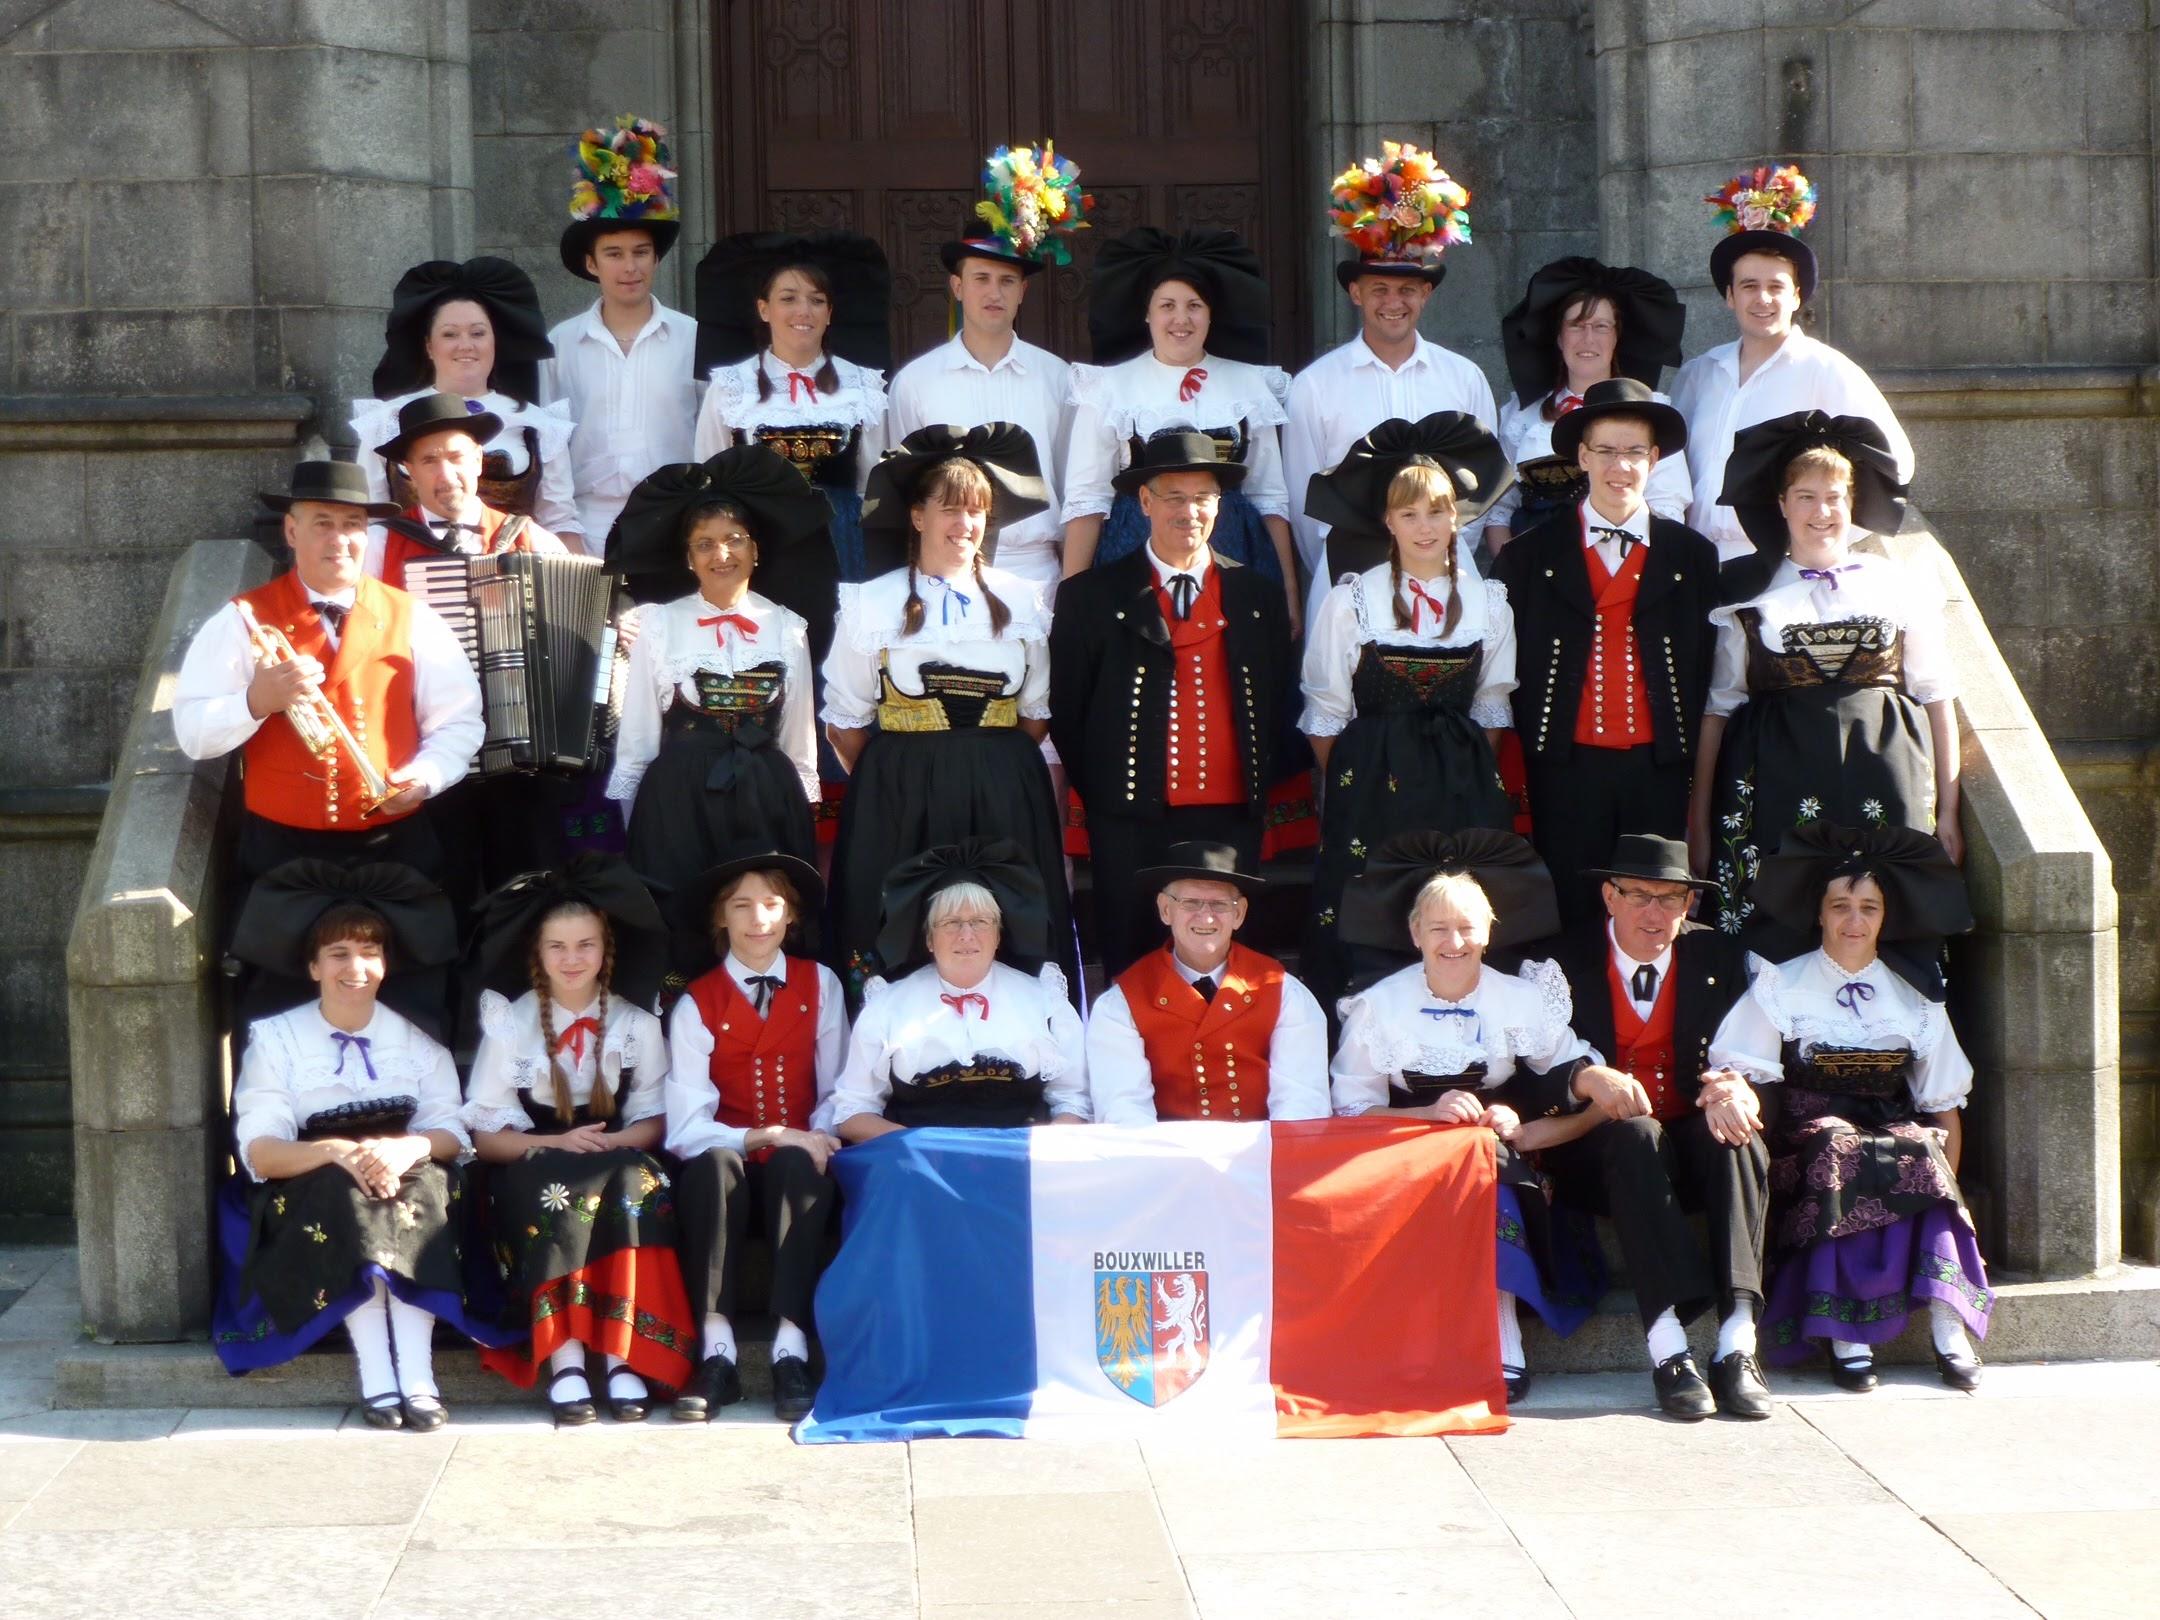 Groupe Folklorique du Pays de Hanau in Aberdeen